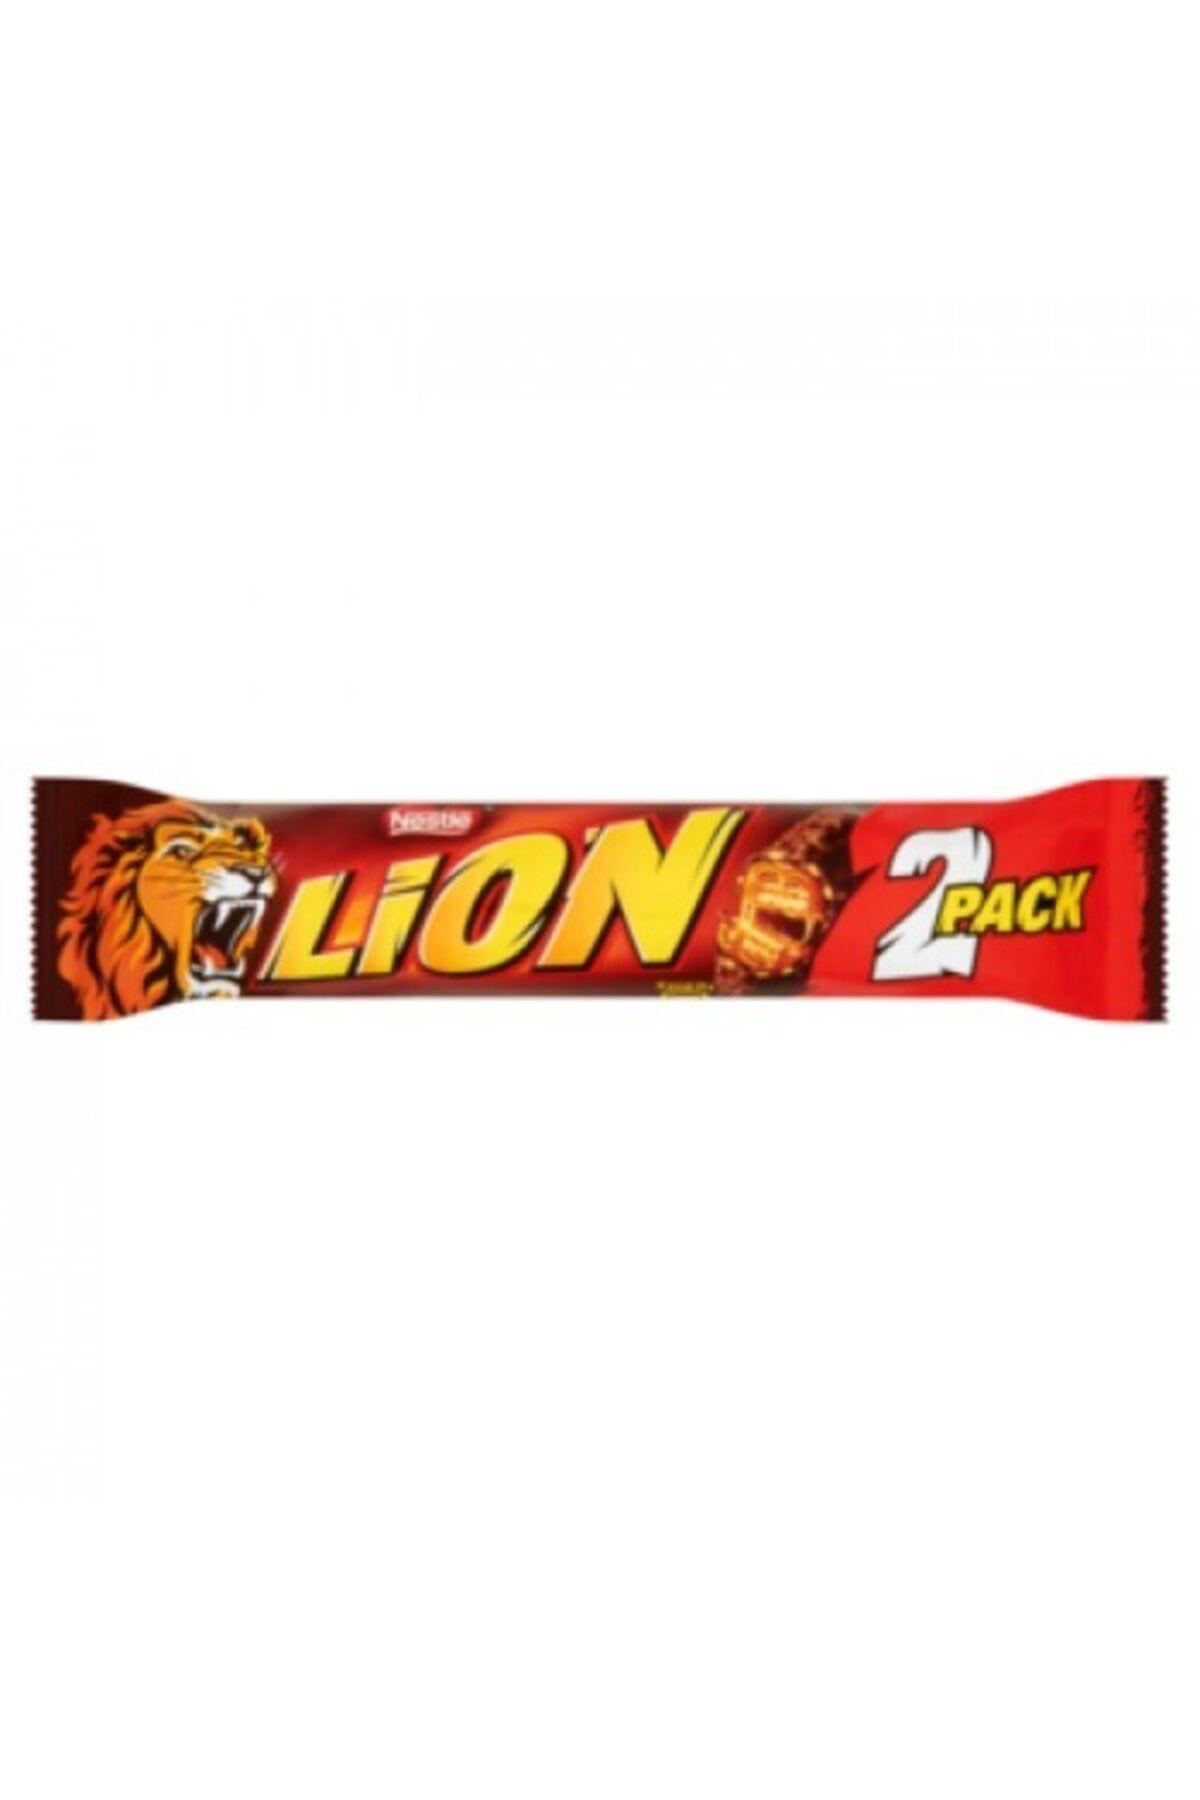 Lion Bar 2 Pack